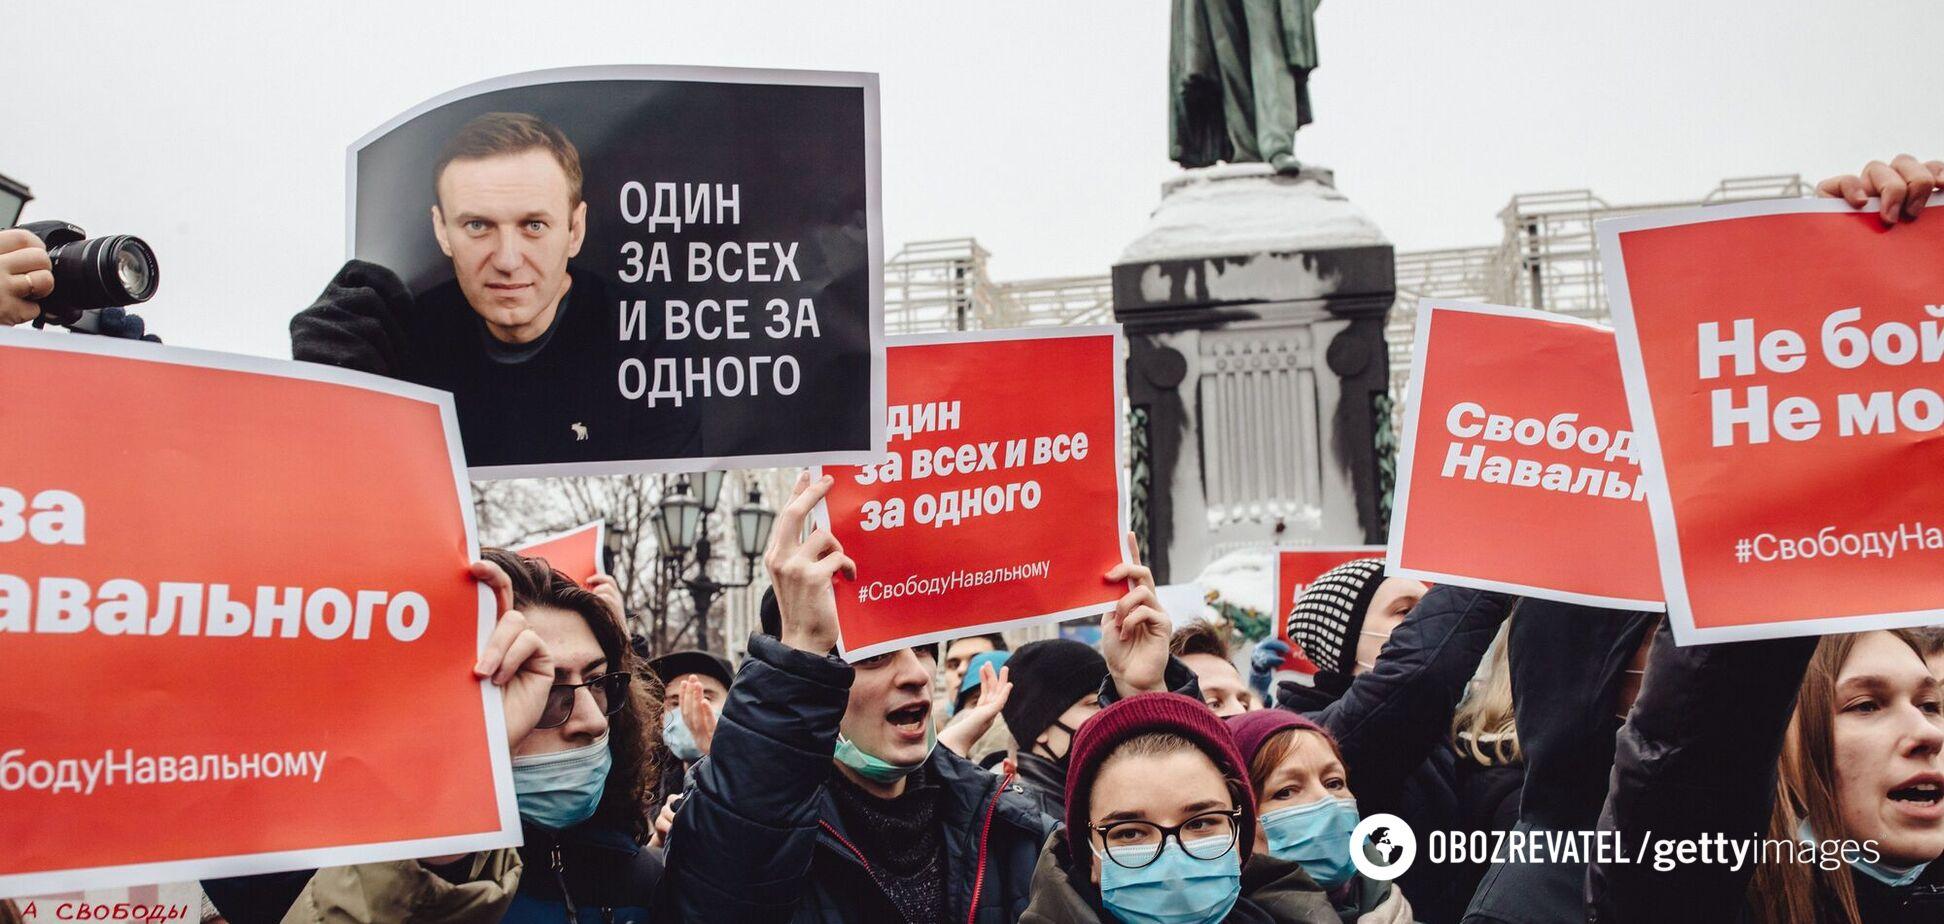 Росіяни виходять на акції протесту проти арешту Олексія Навального